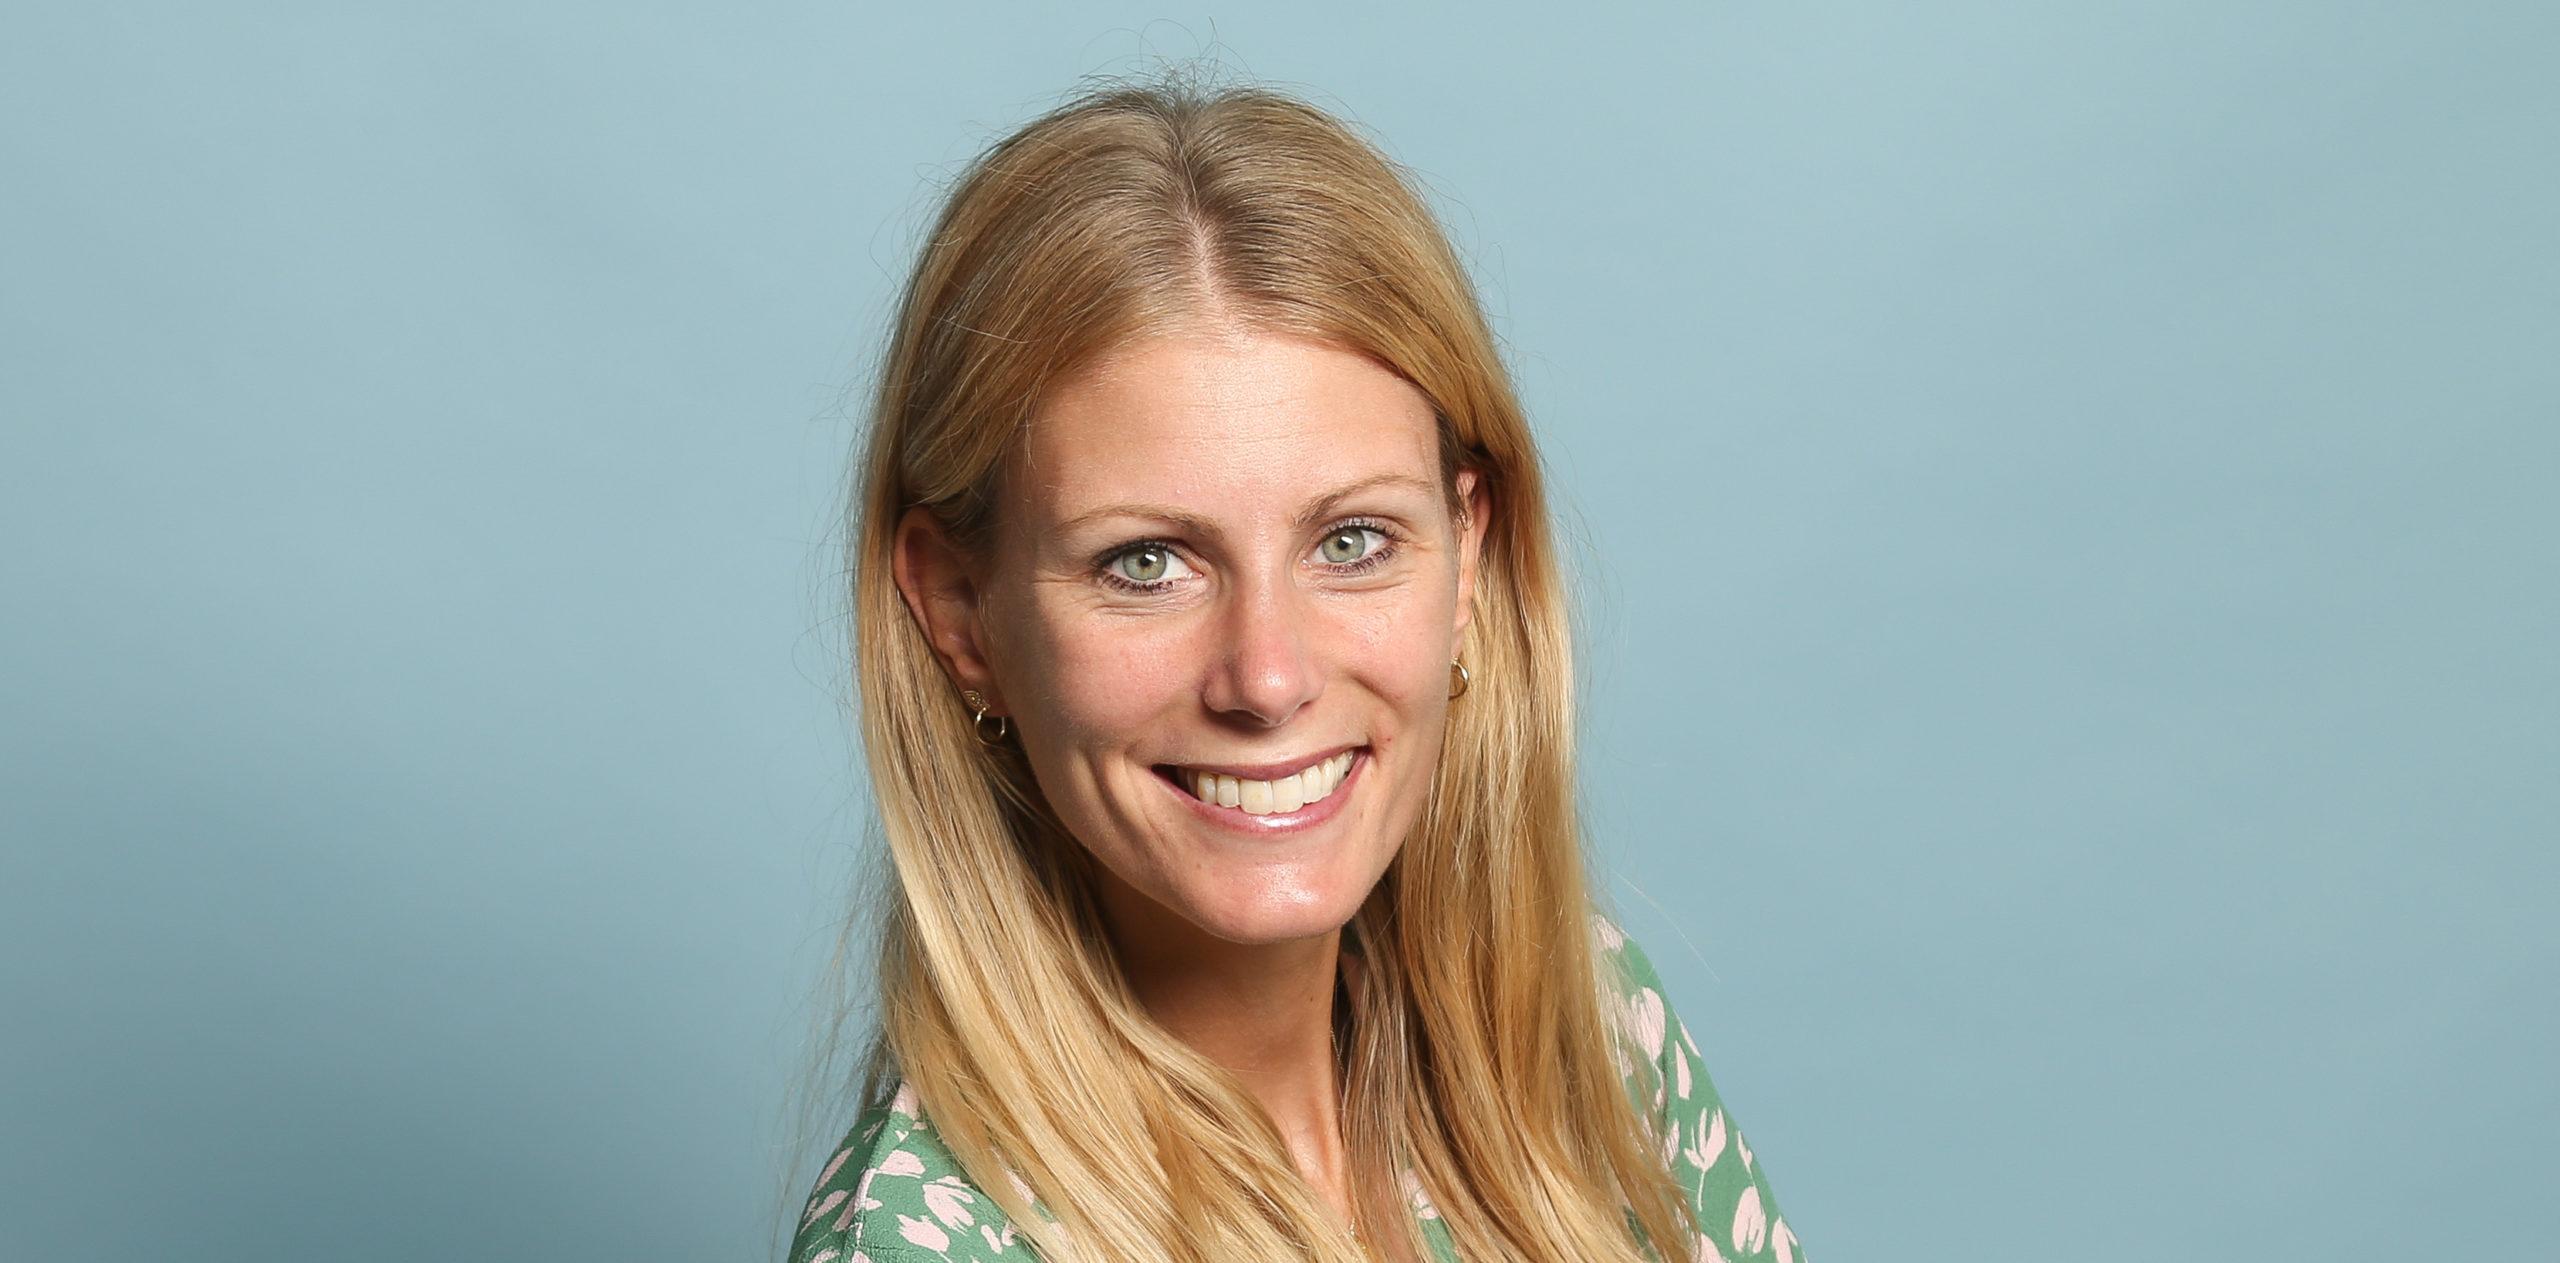 Suzanne van der Laan